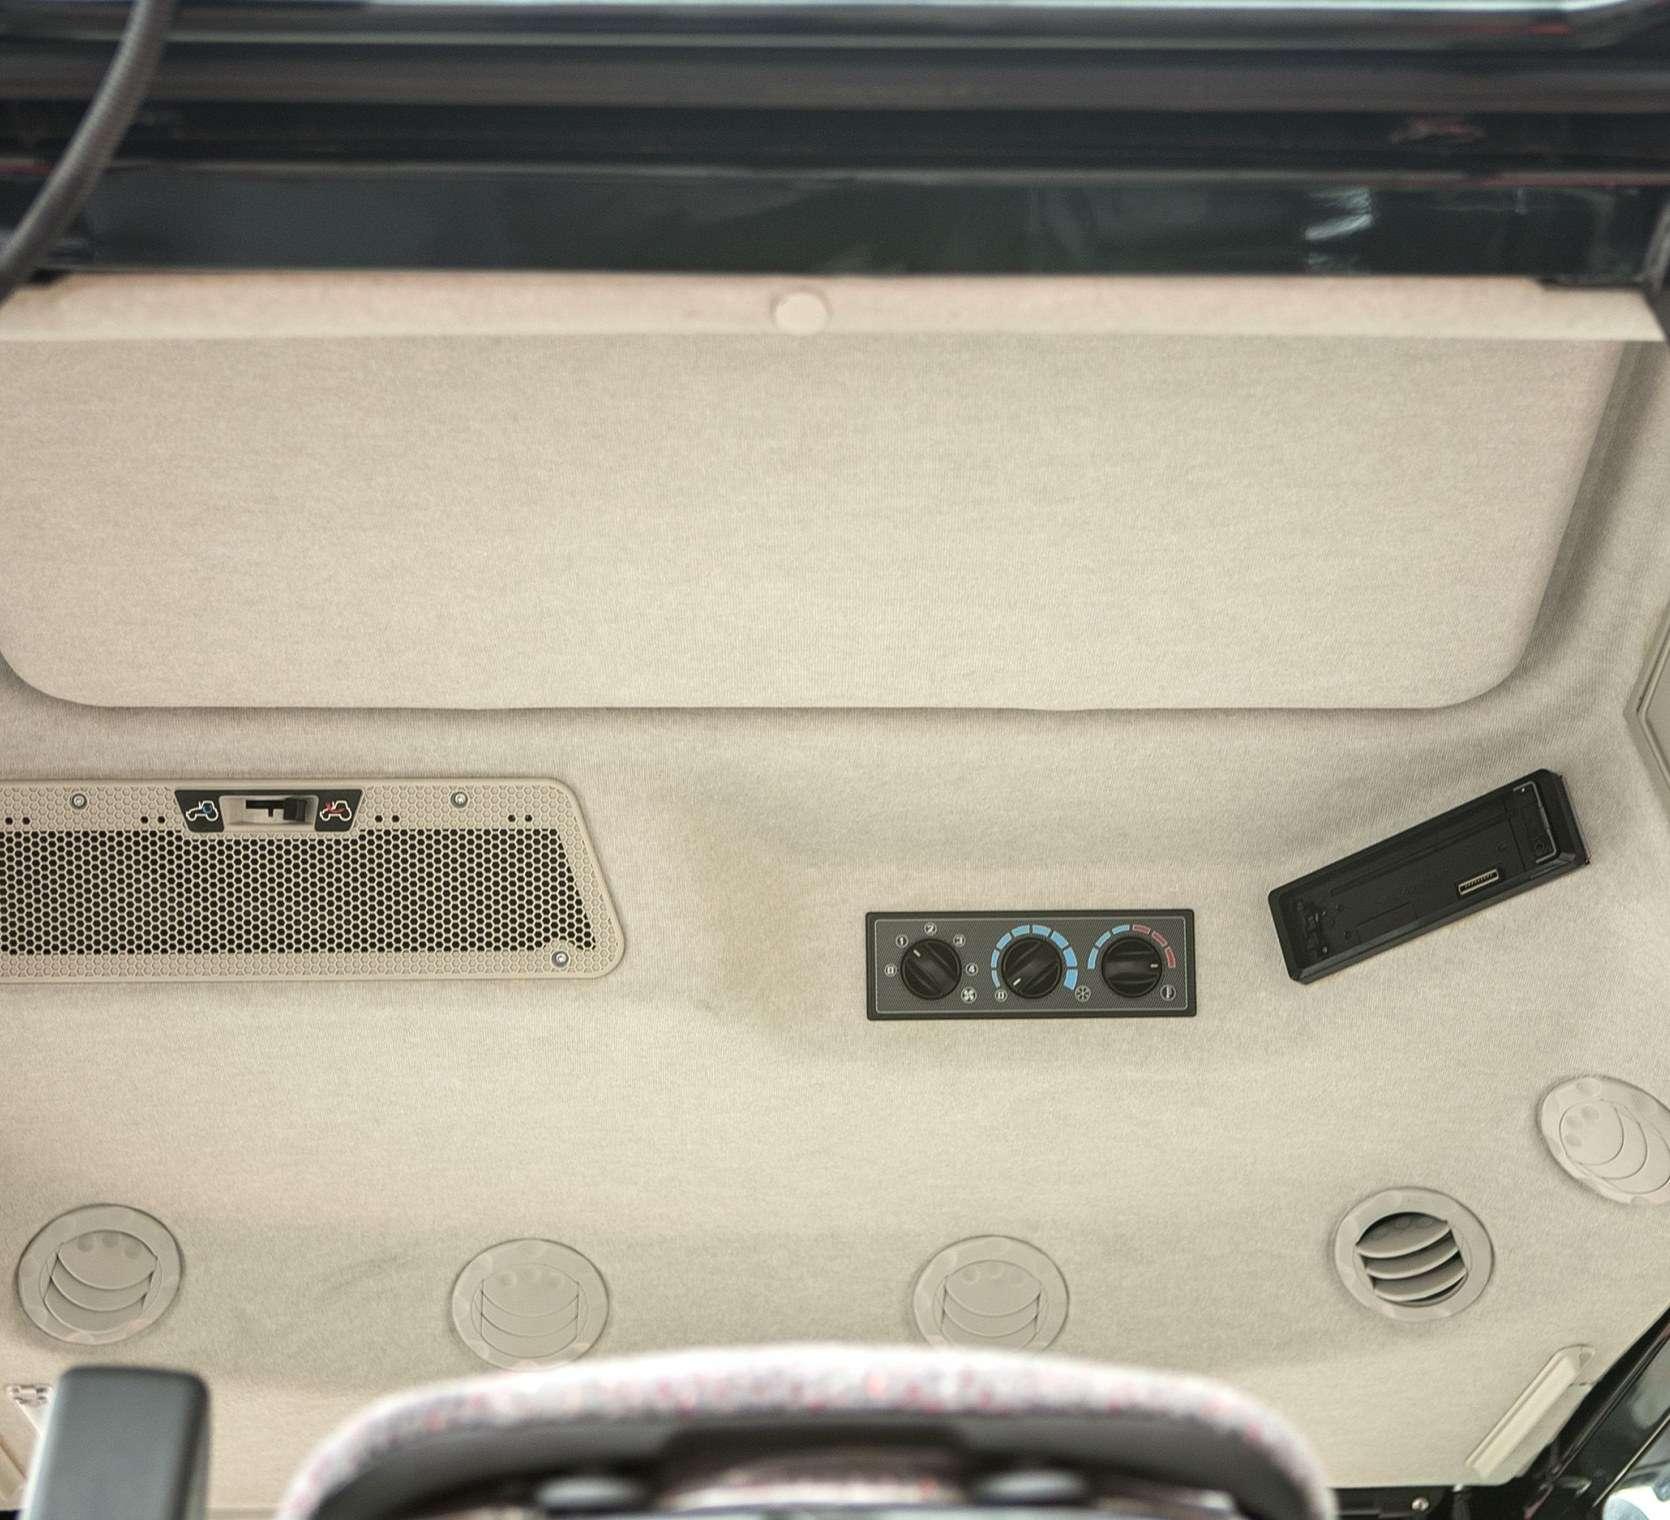 Wentylator ogrzewanie i klimatyzacja umieszczone w panelu sufitowym ciągnika rolniczego MF 5611 z oferty korbanek.pl